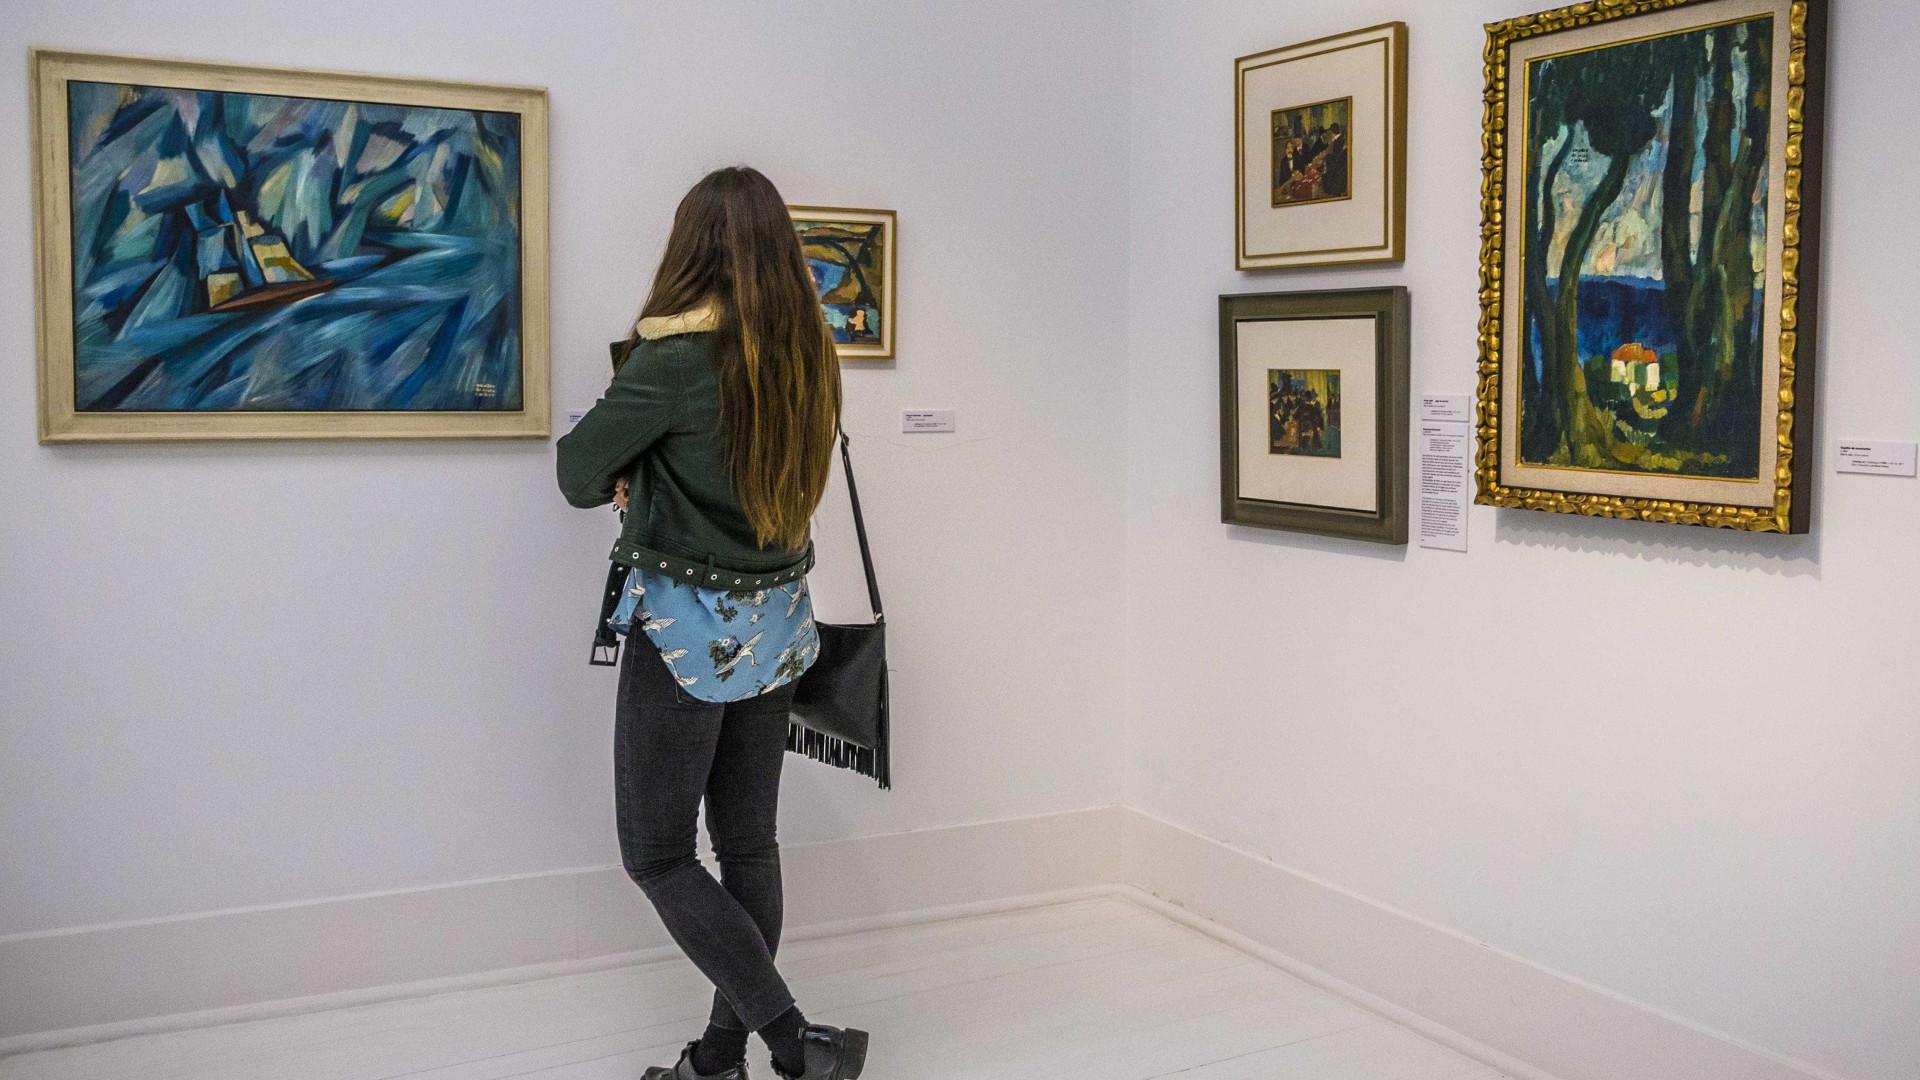 Apoio mecenático da Sonae ao Museu do Chiado vai ser renegociado